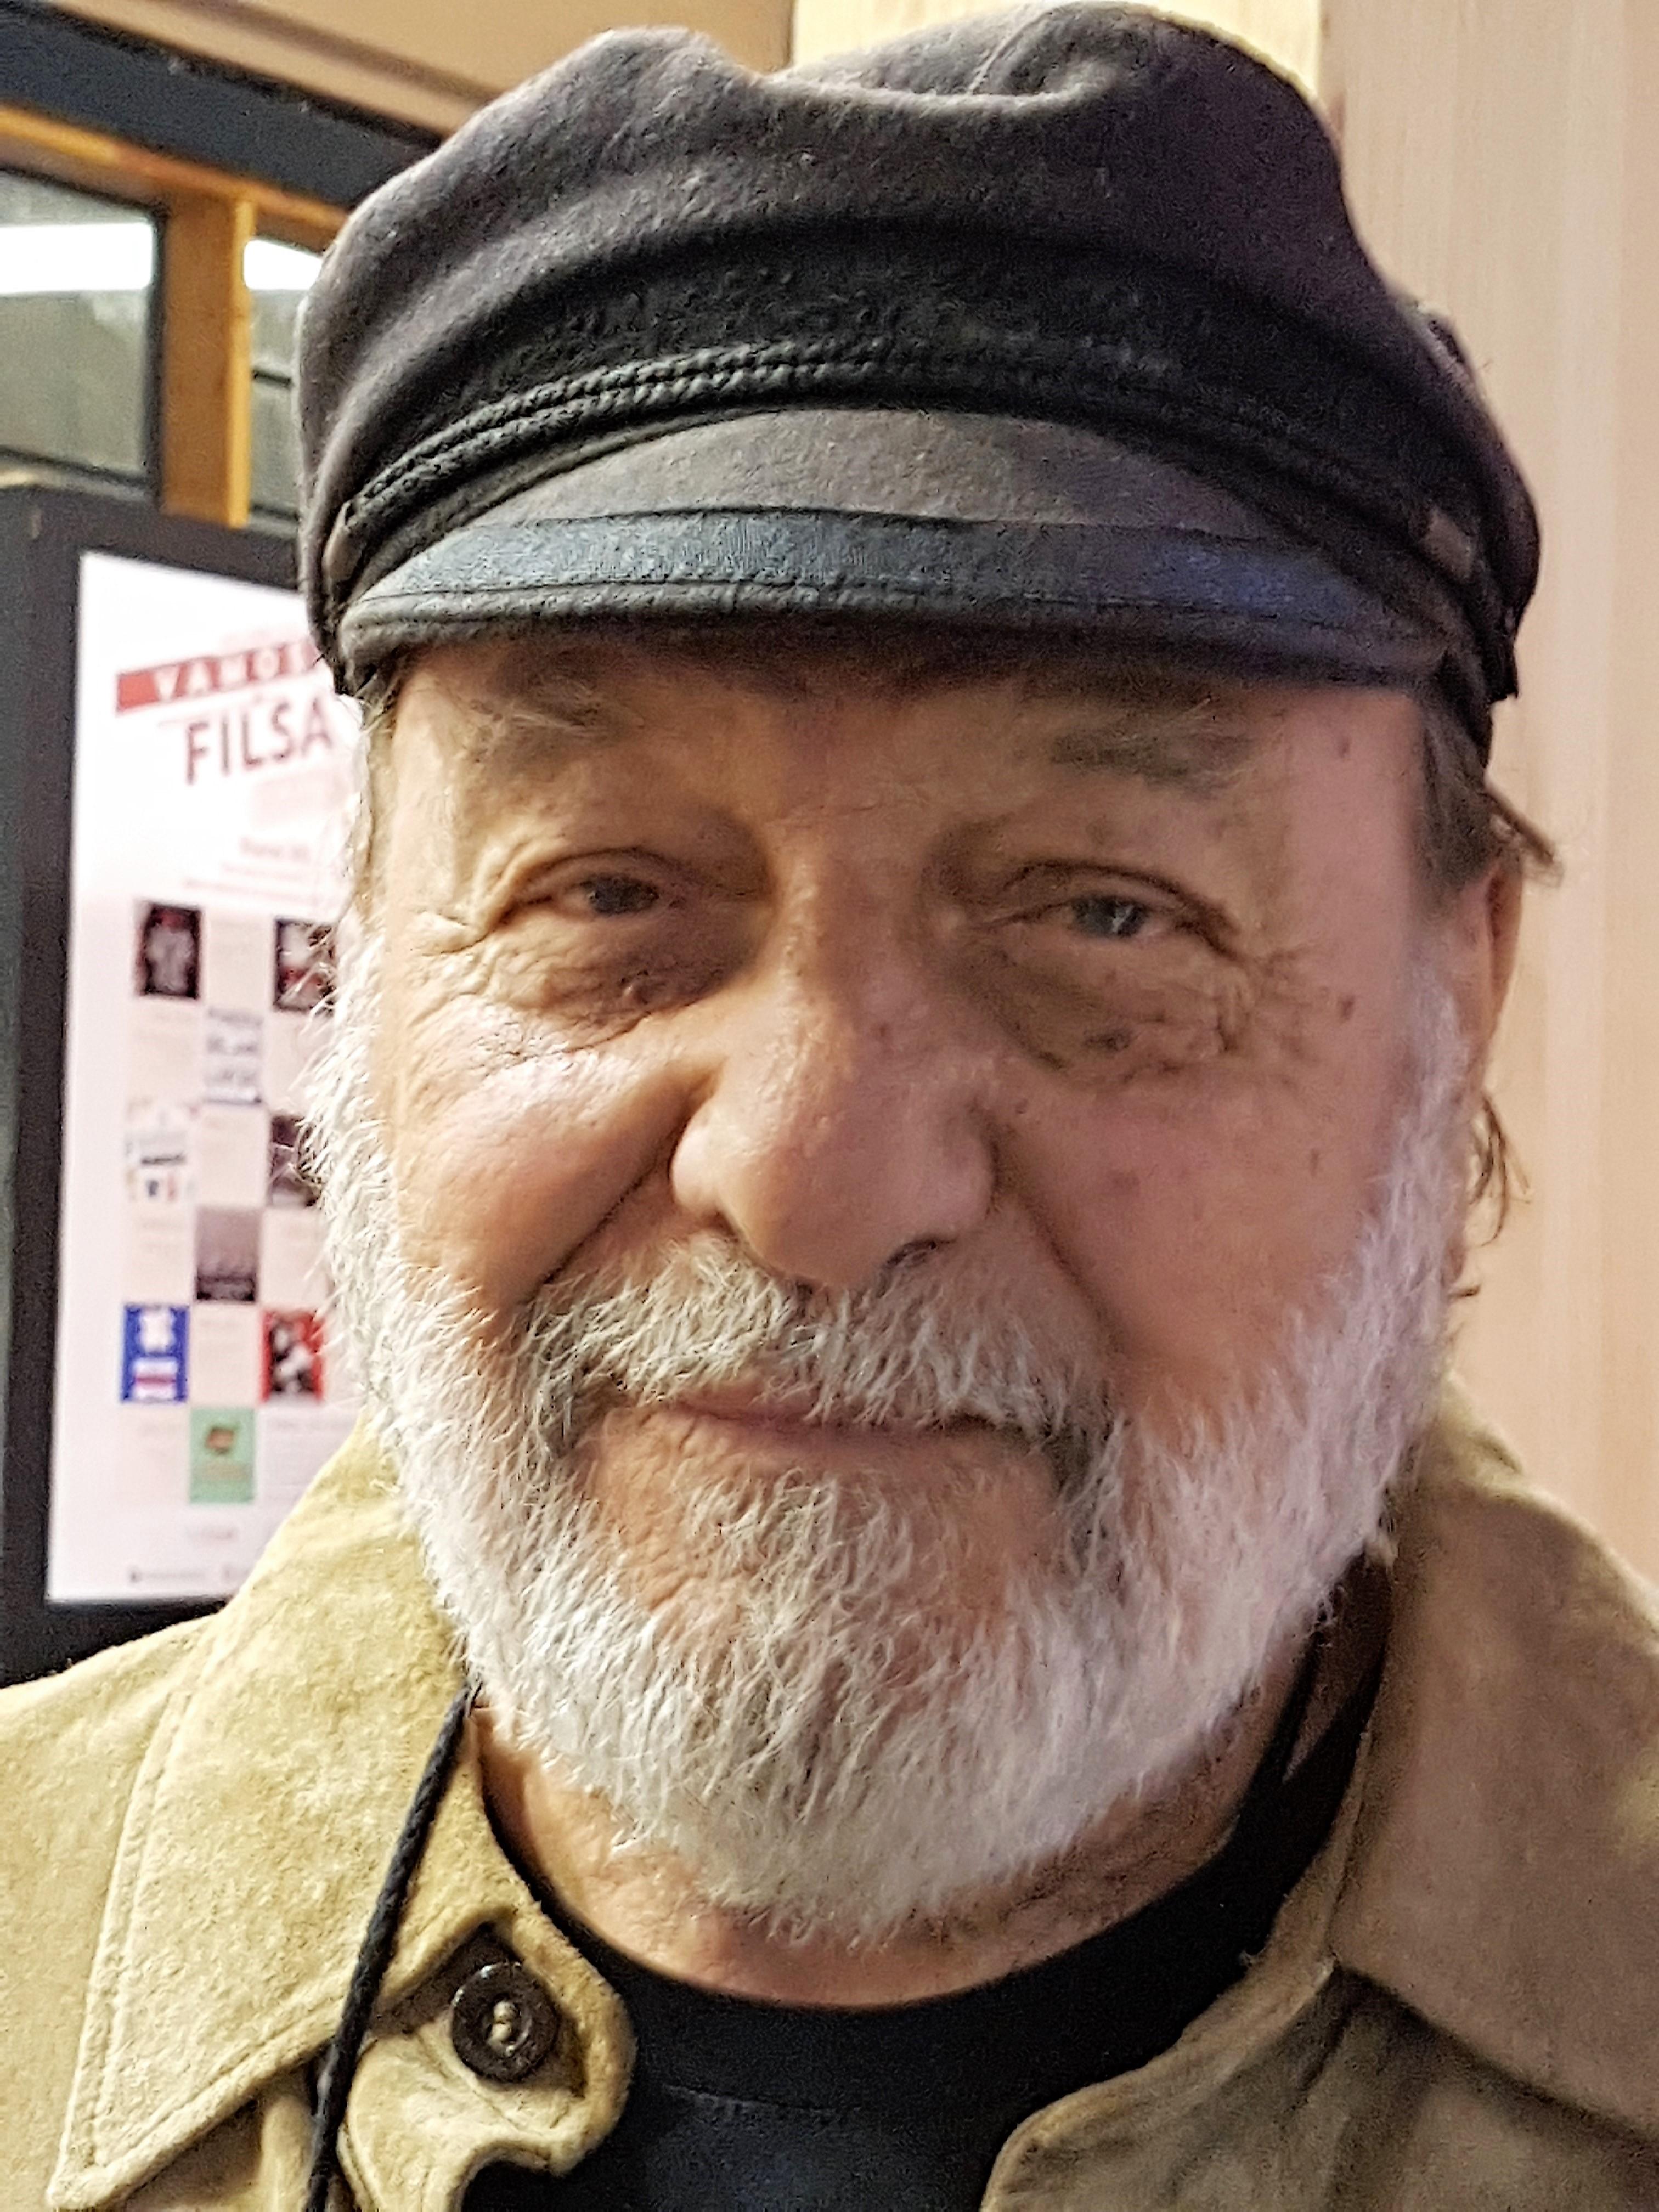 Manns en la Feria Internacional del Libro de Santiago